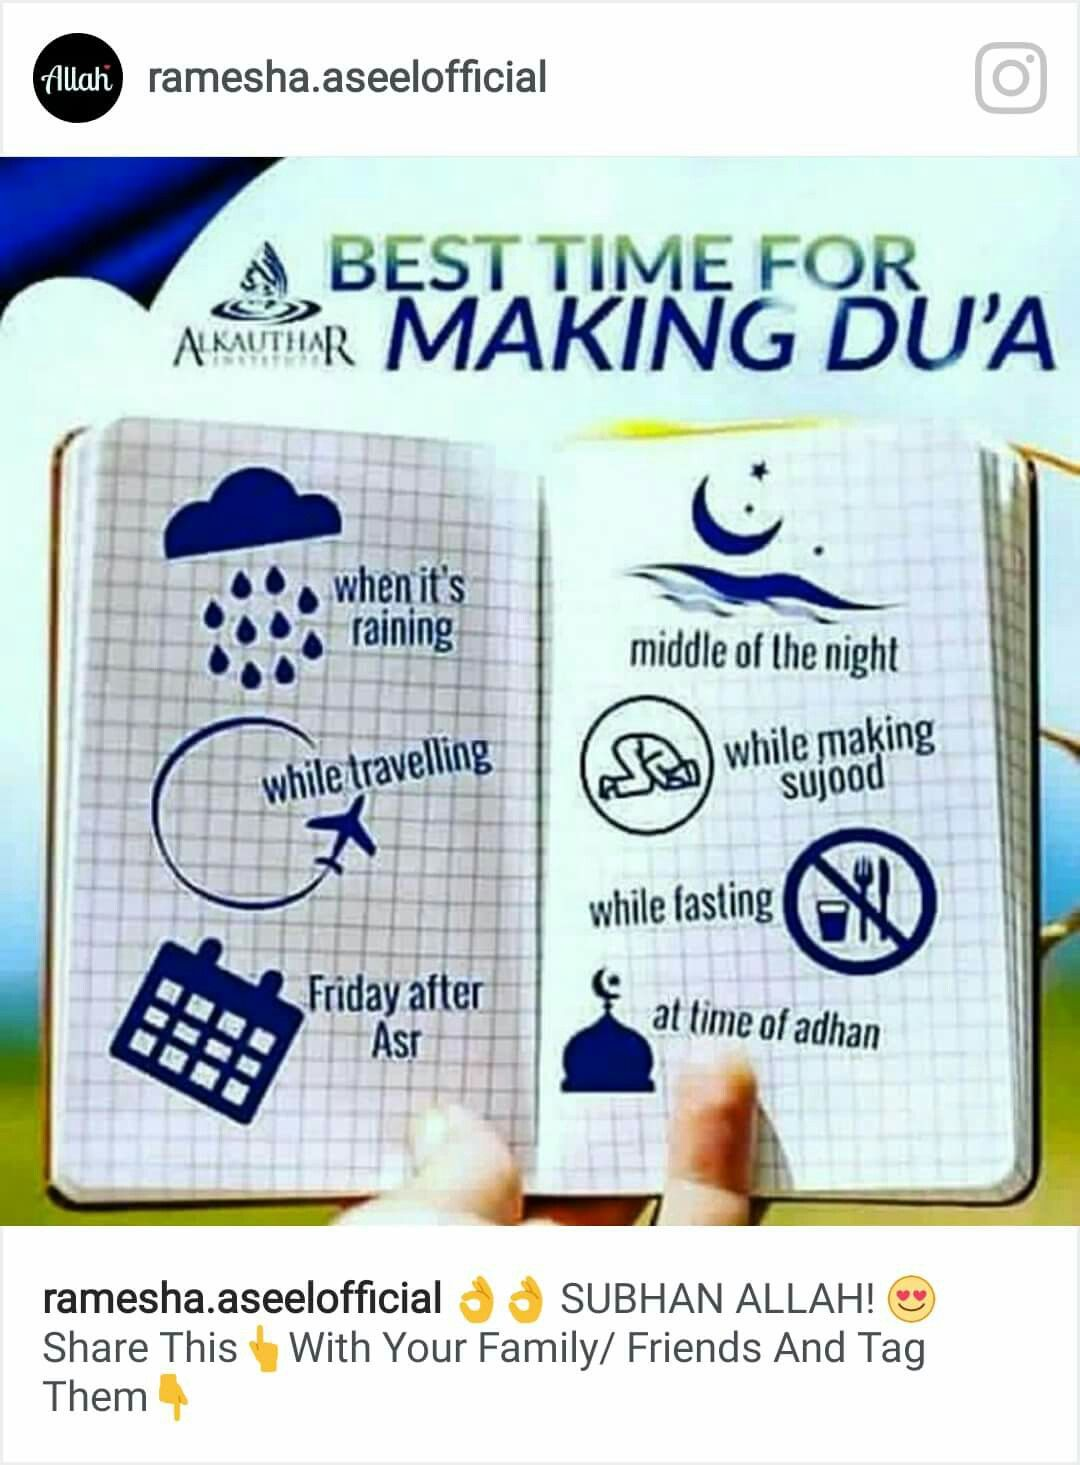 أفضل الأوقات للدعاء Dua When It Rains Fast Fridays How To Make